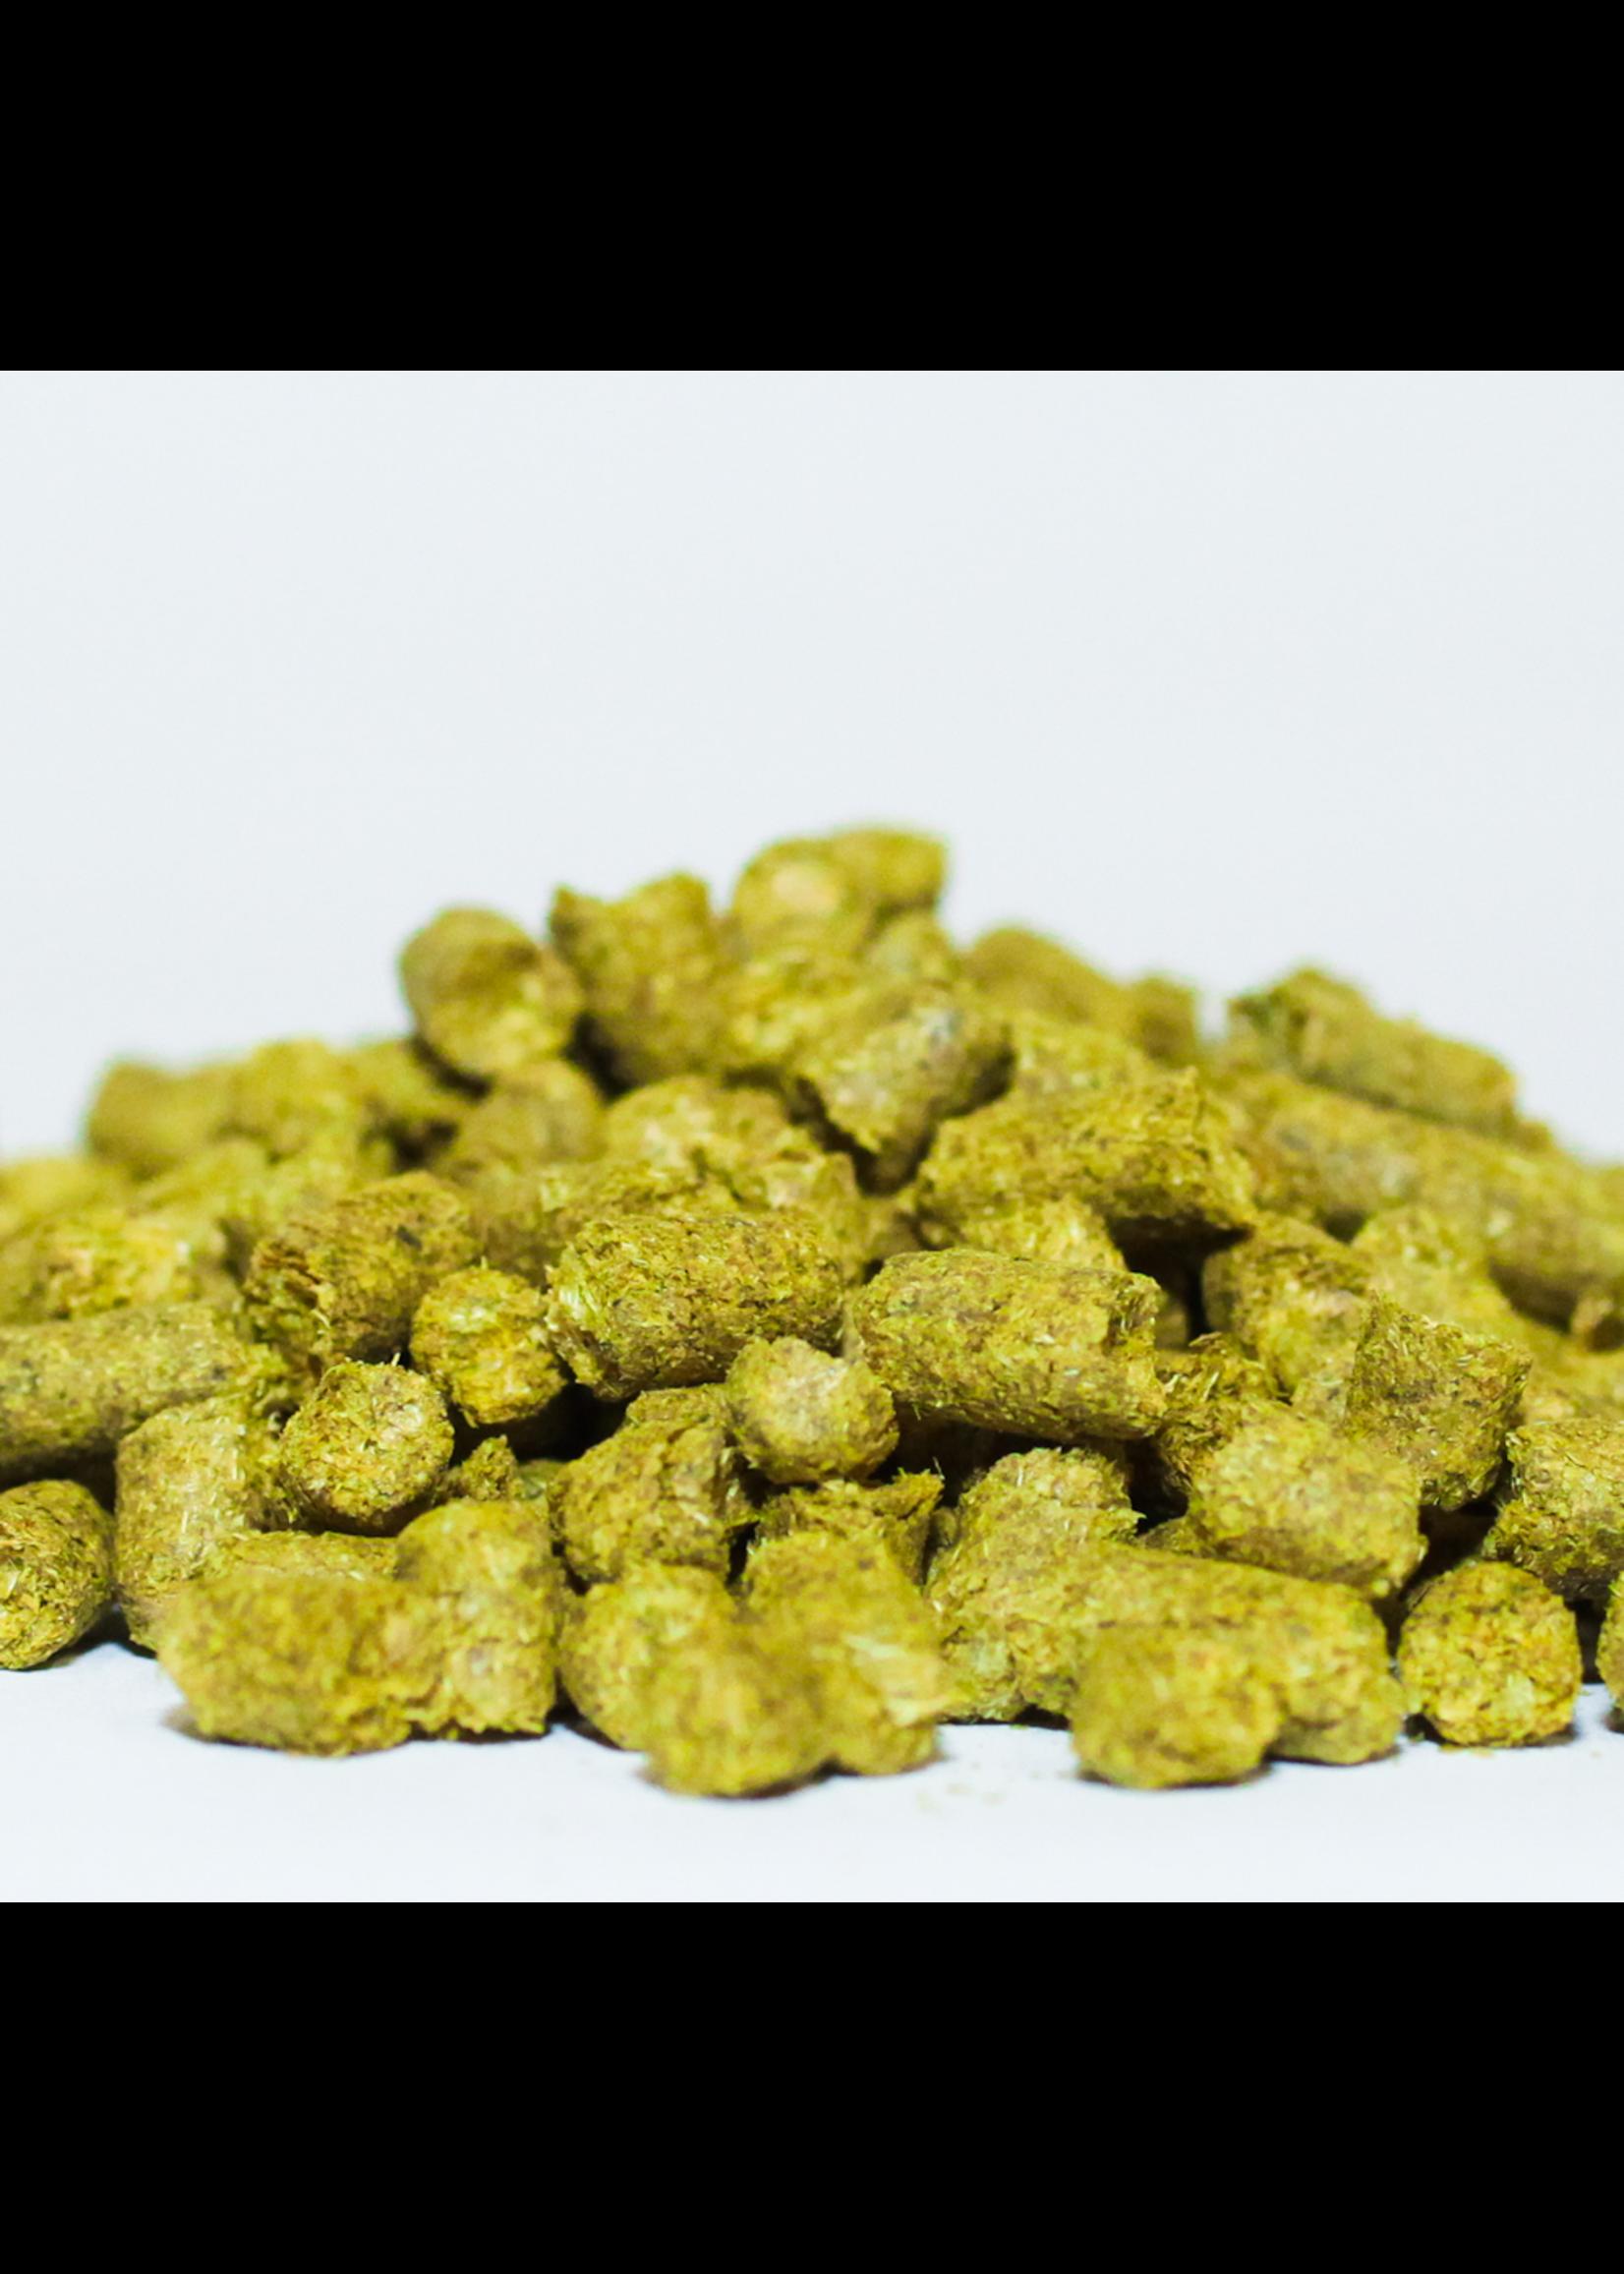 Hops El Dorado® Hops (US) - Pellets - 1 oz